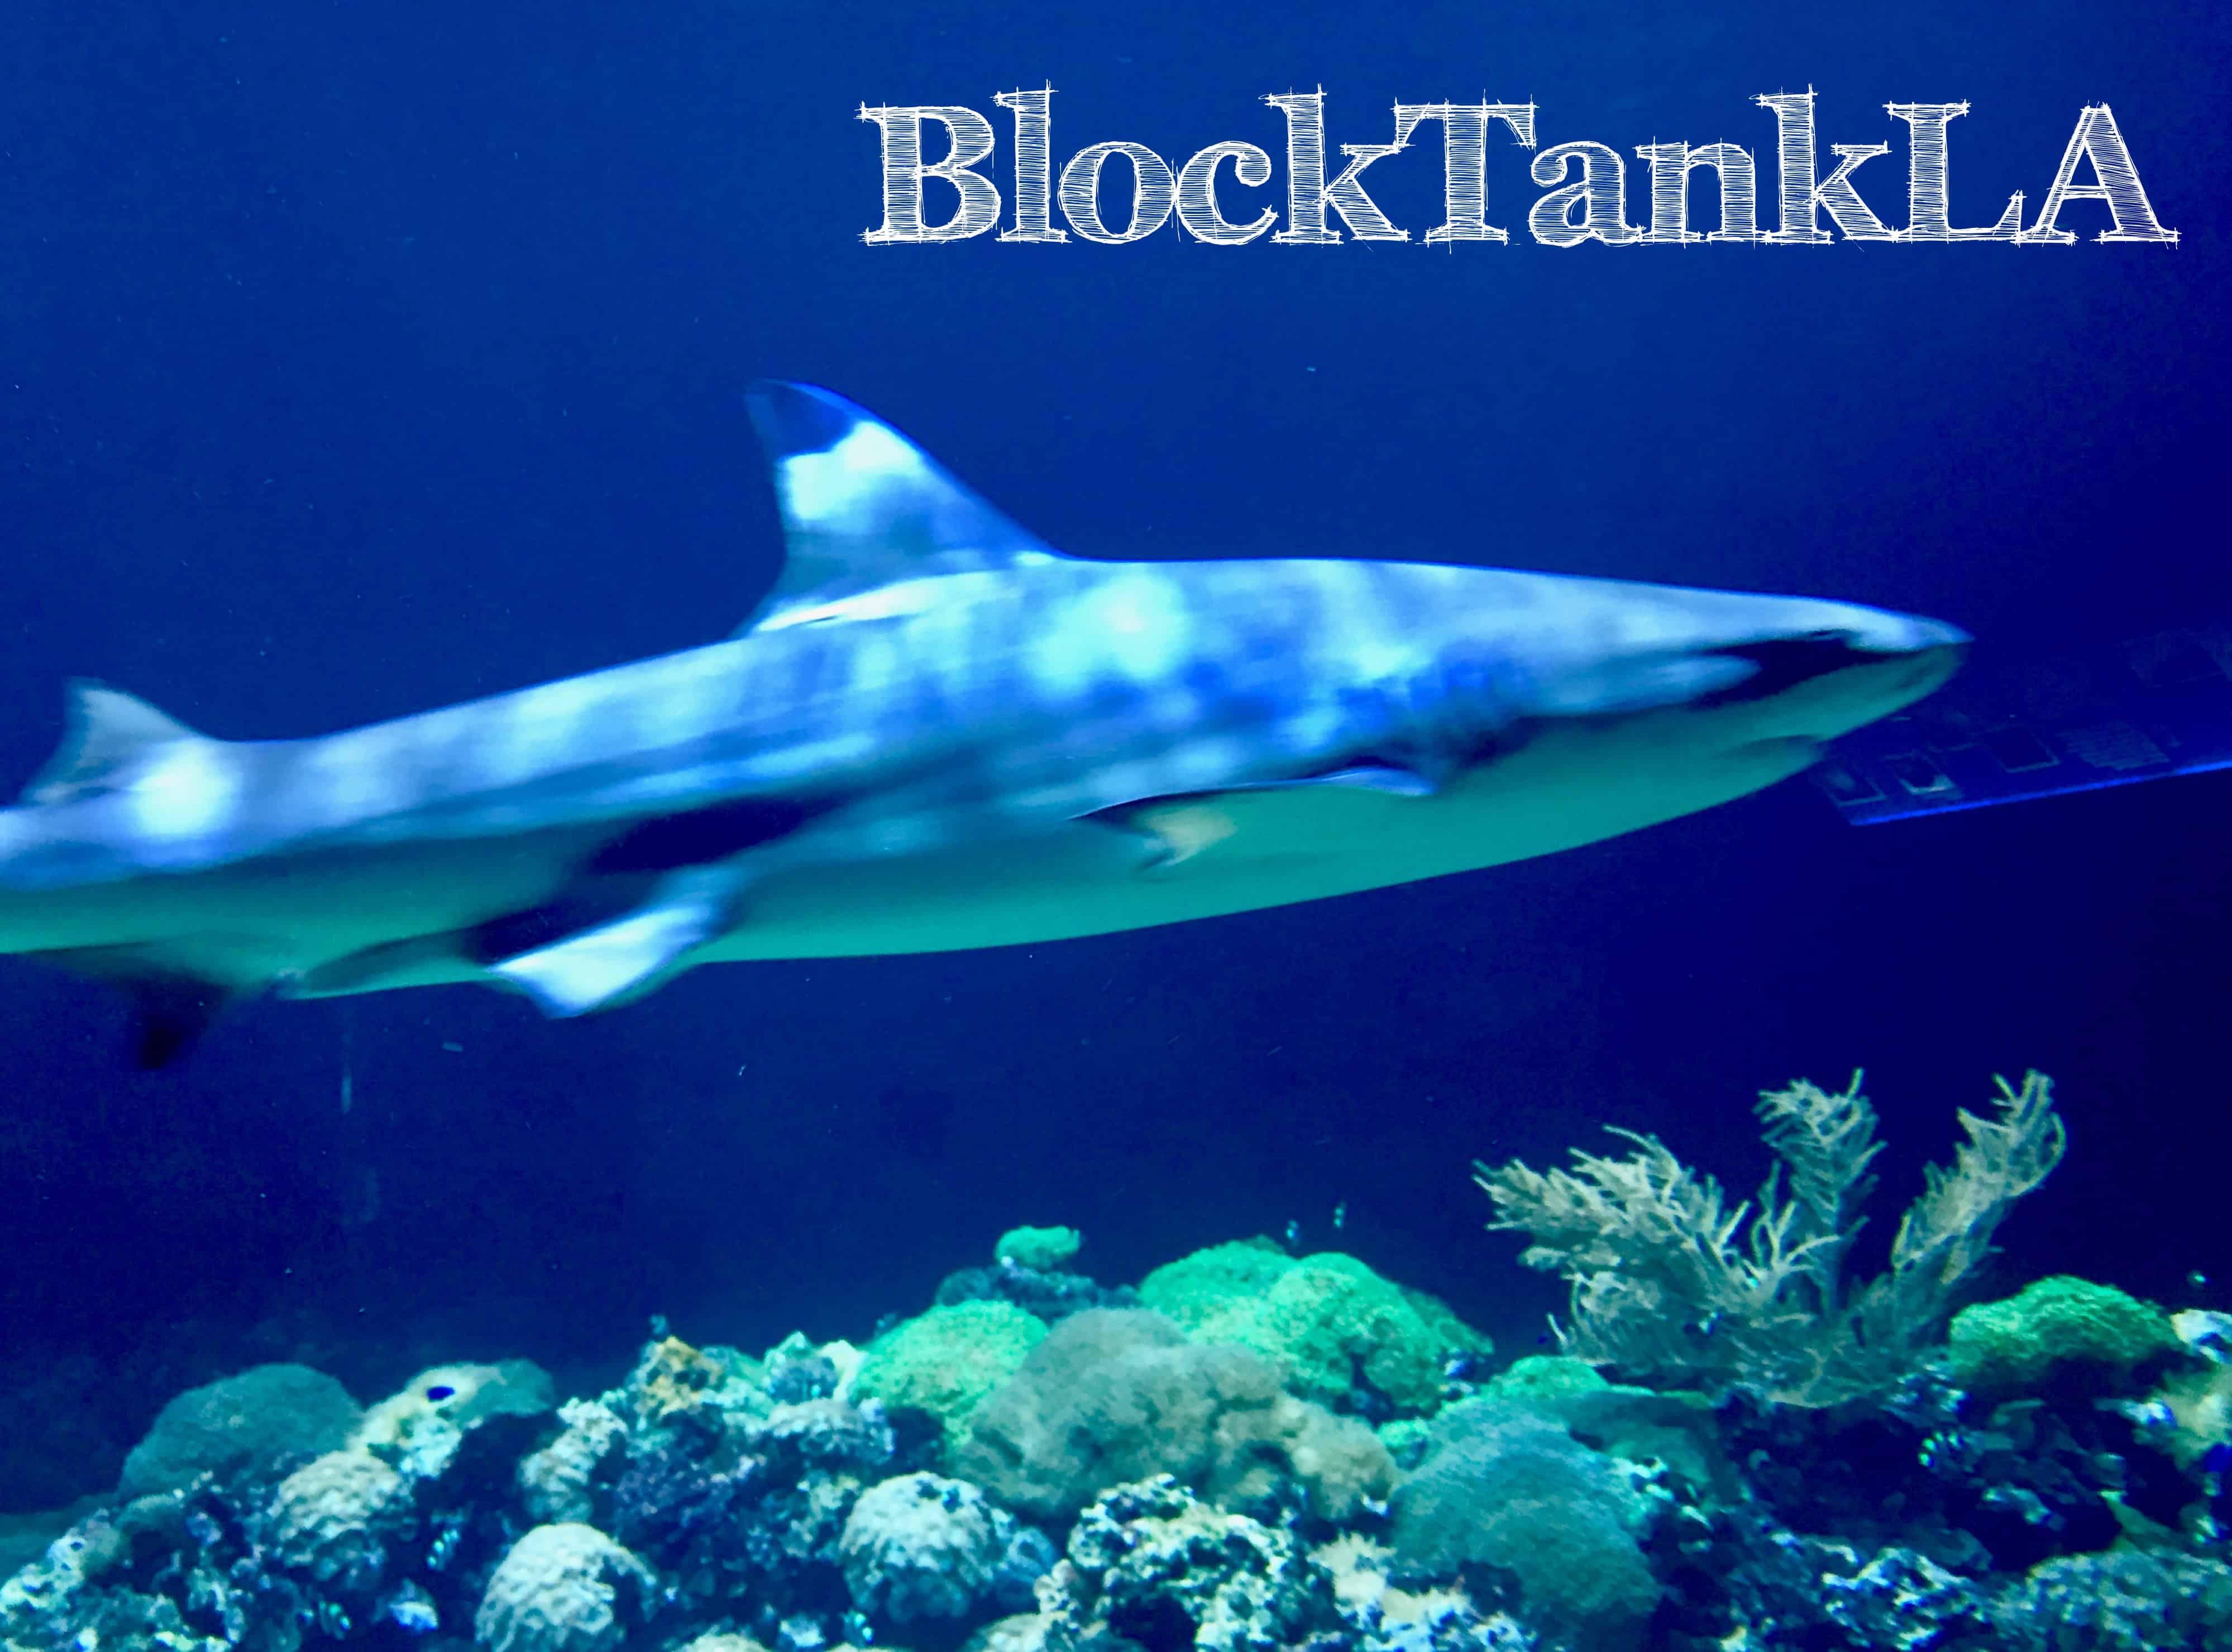 BlockTank LA, Sponsored by LA Mayor's Office, Announces Judges and Participants